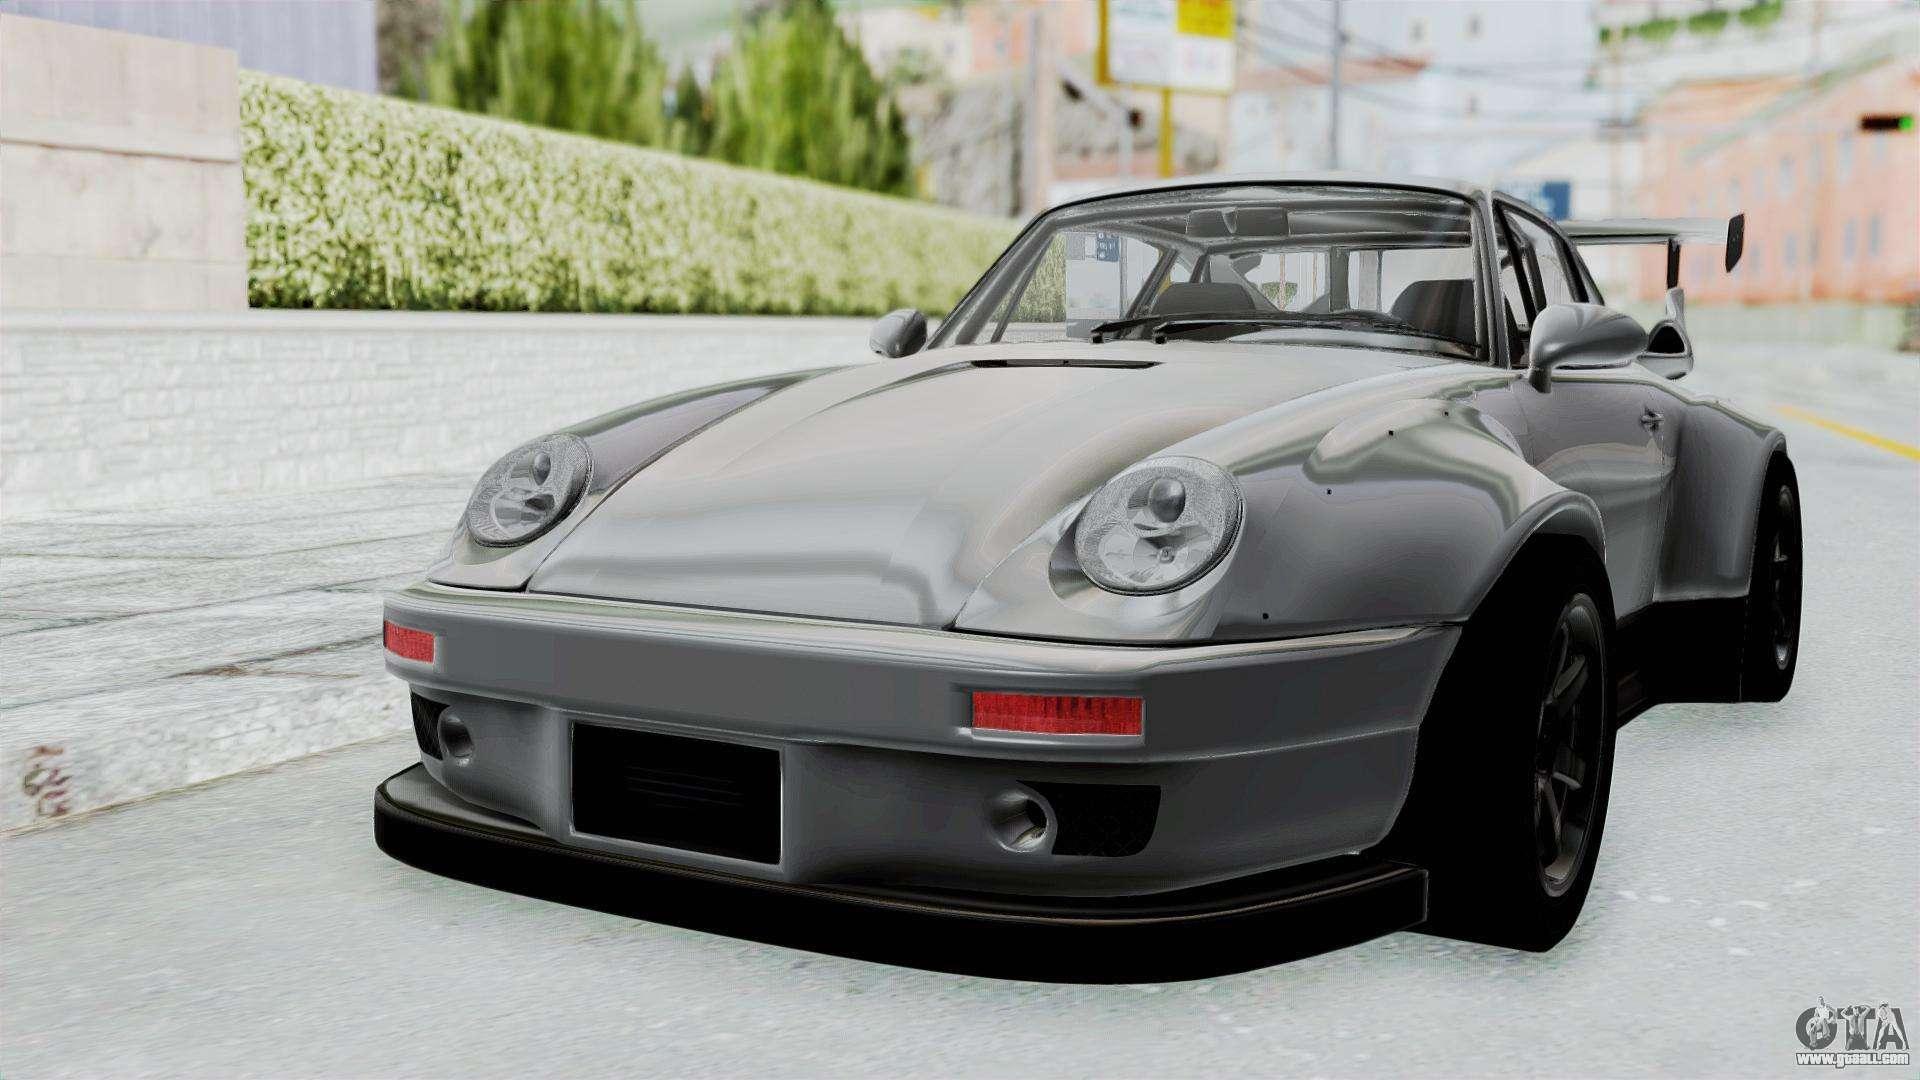 328934-gta-sa-2016-03-26-15-07-11-26 Remarkable Porsche 911 Gt2 Xbox 360 Cars Trend